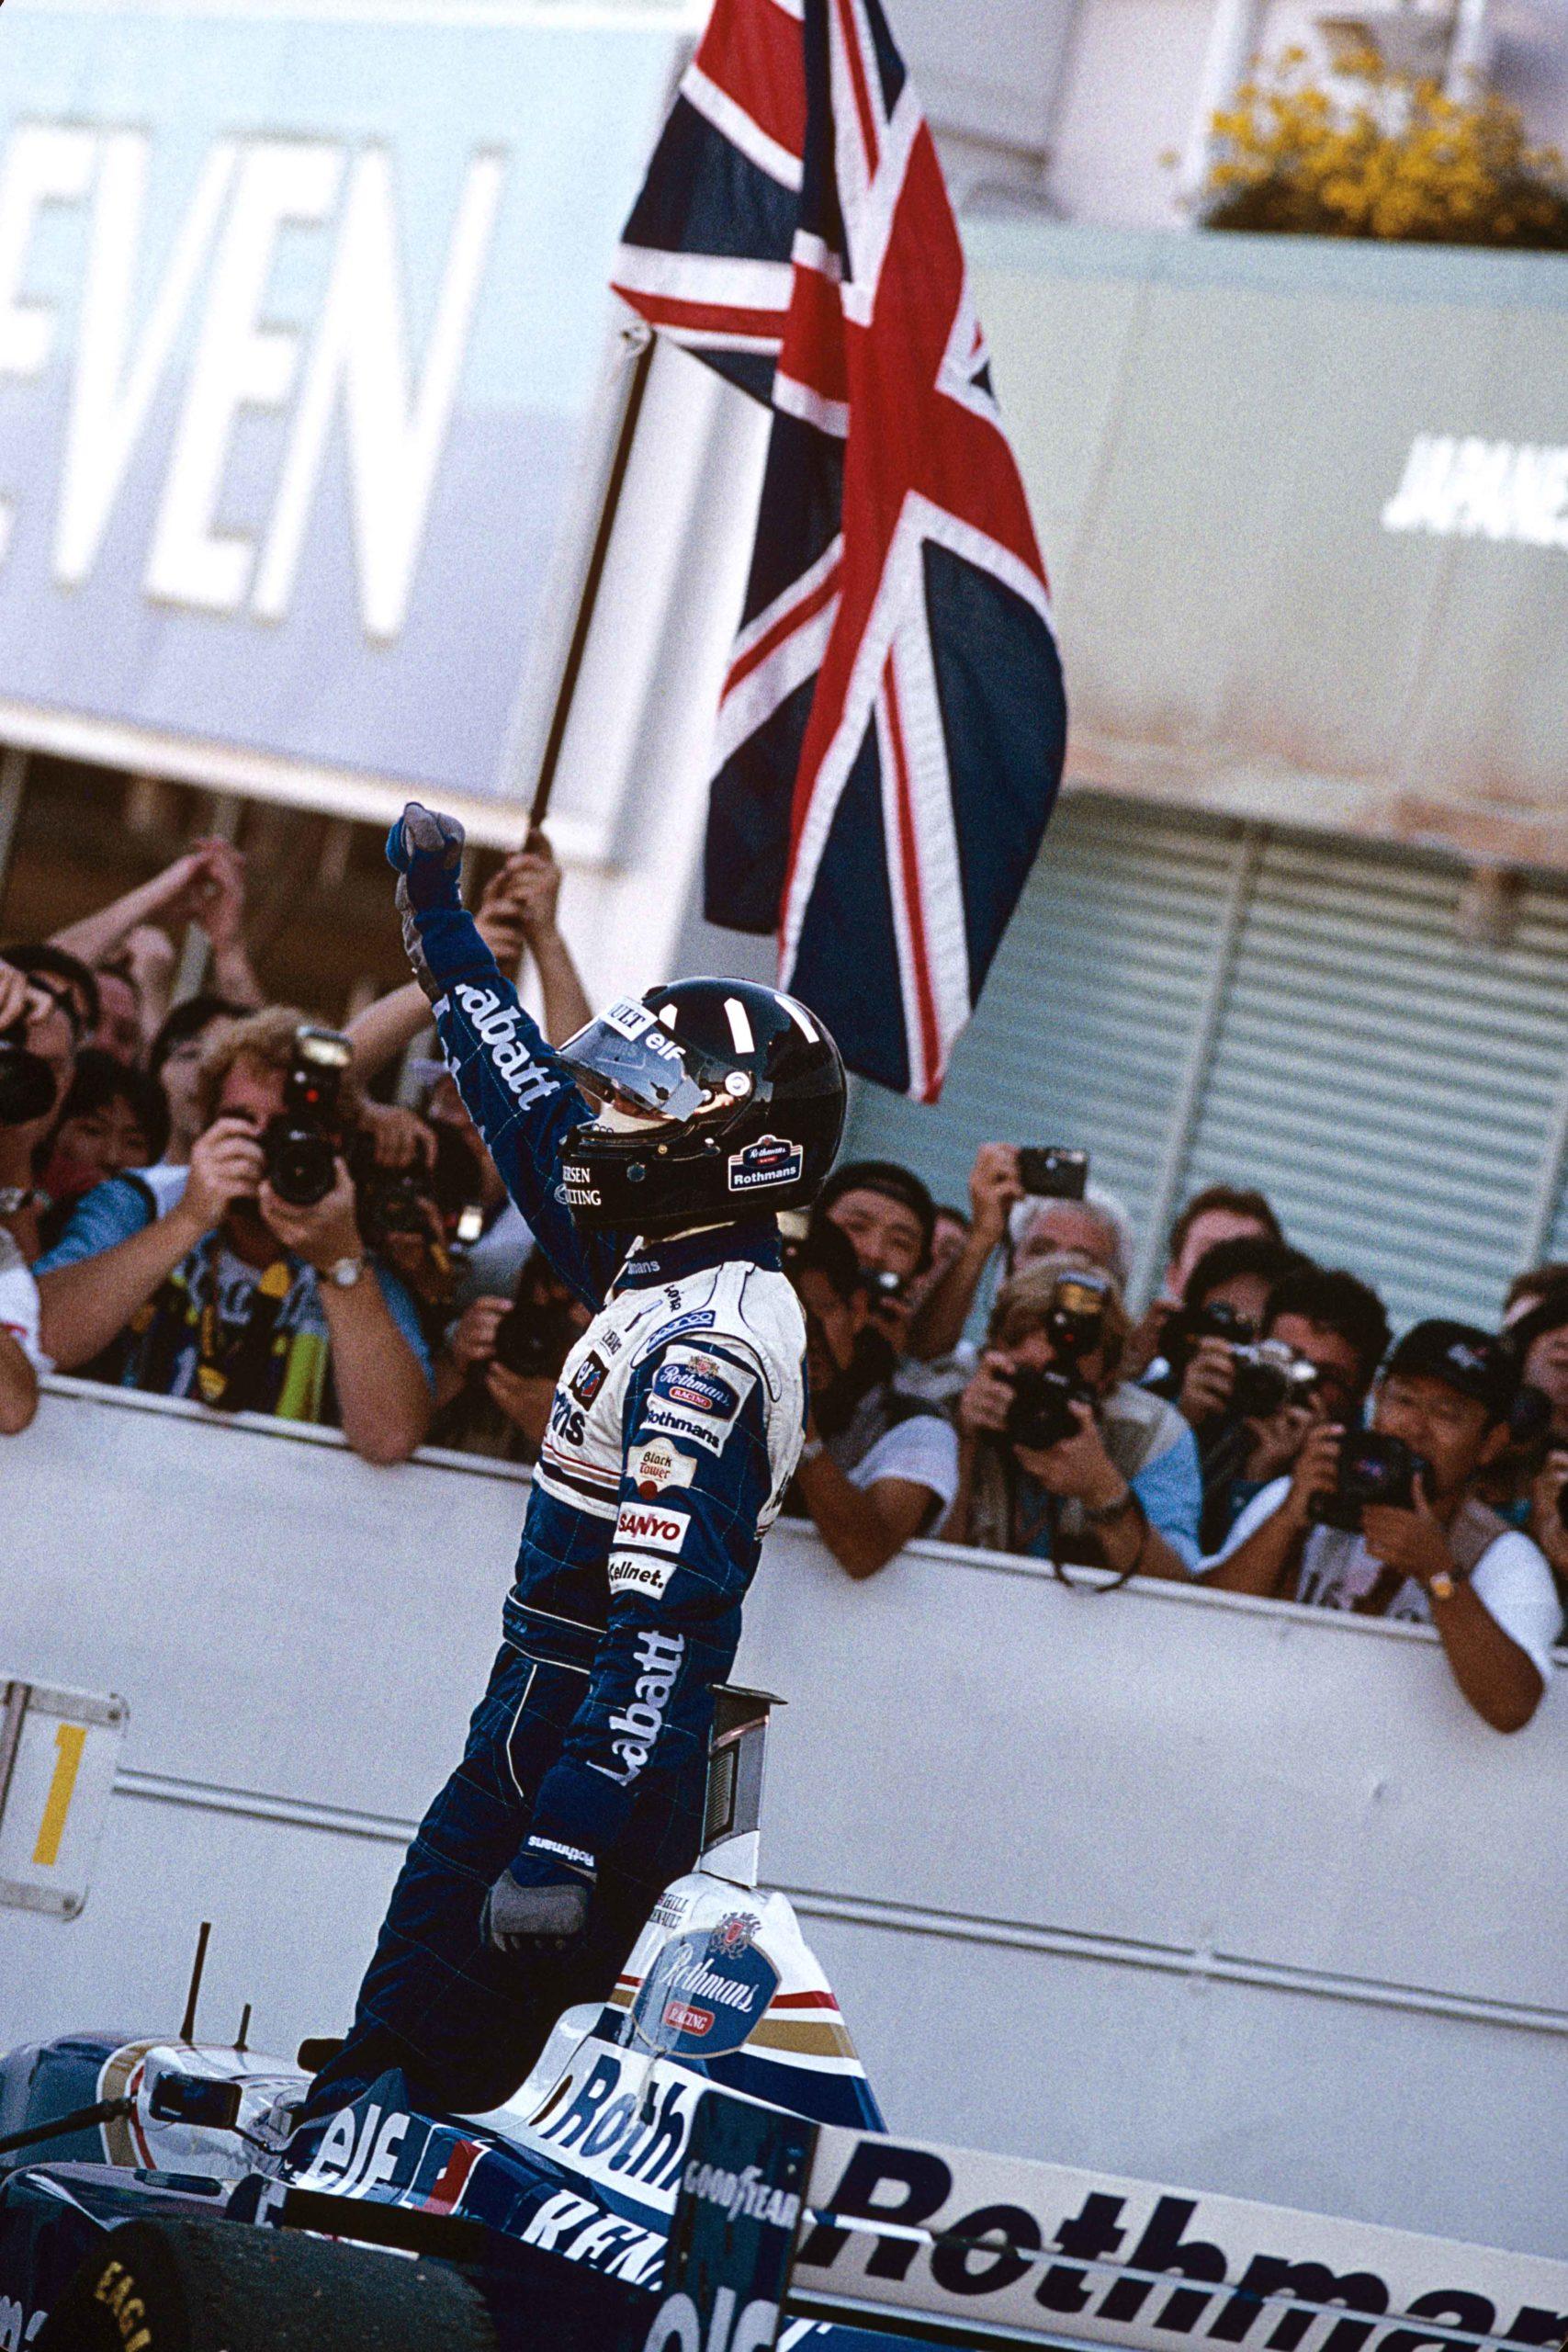 Damon-Hill-celebrates-winning-the-1996-F1-championship-at-Suzuka